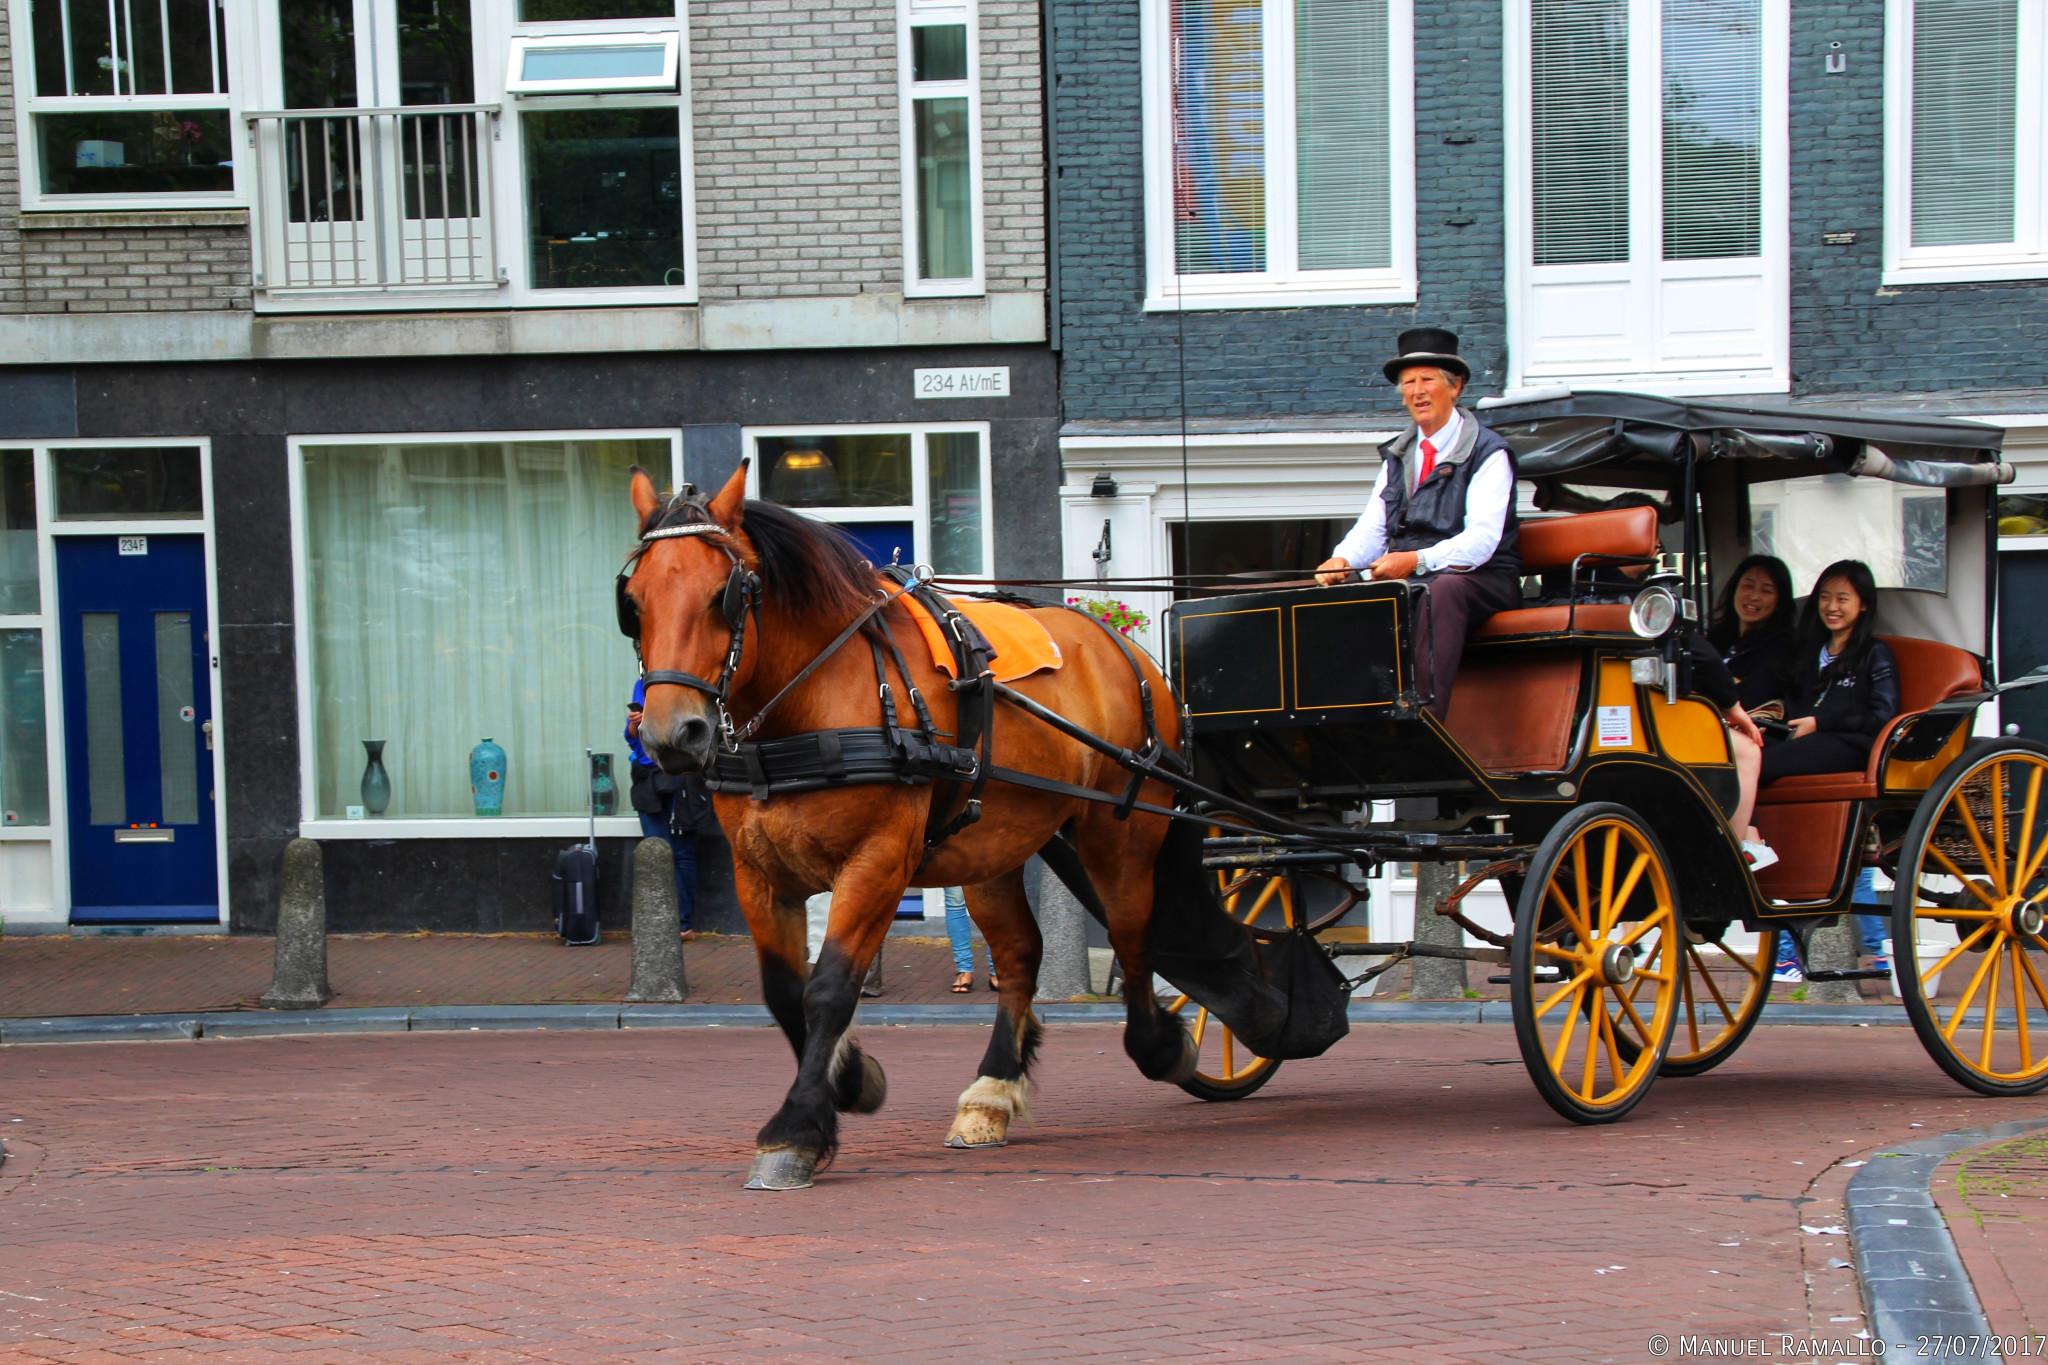 Carruaje de caballos en Ámsterdam